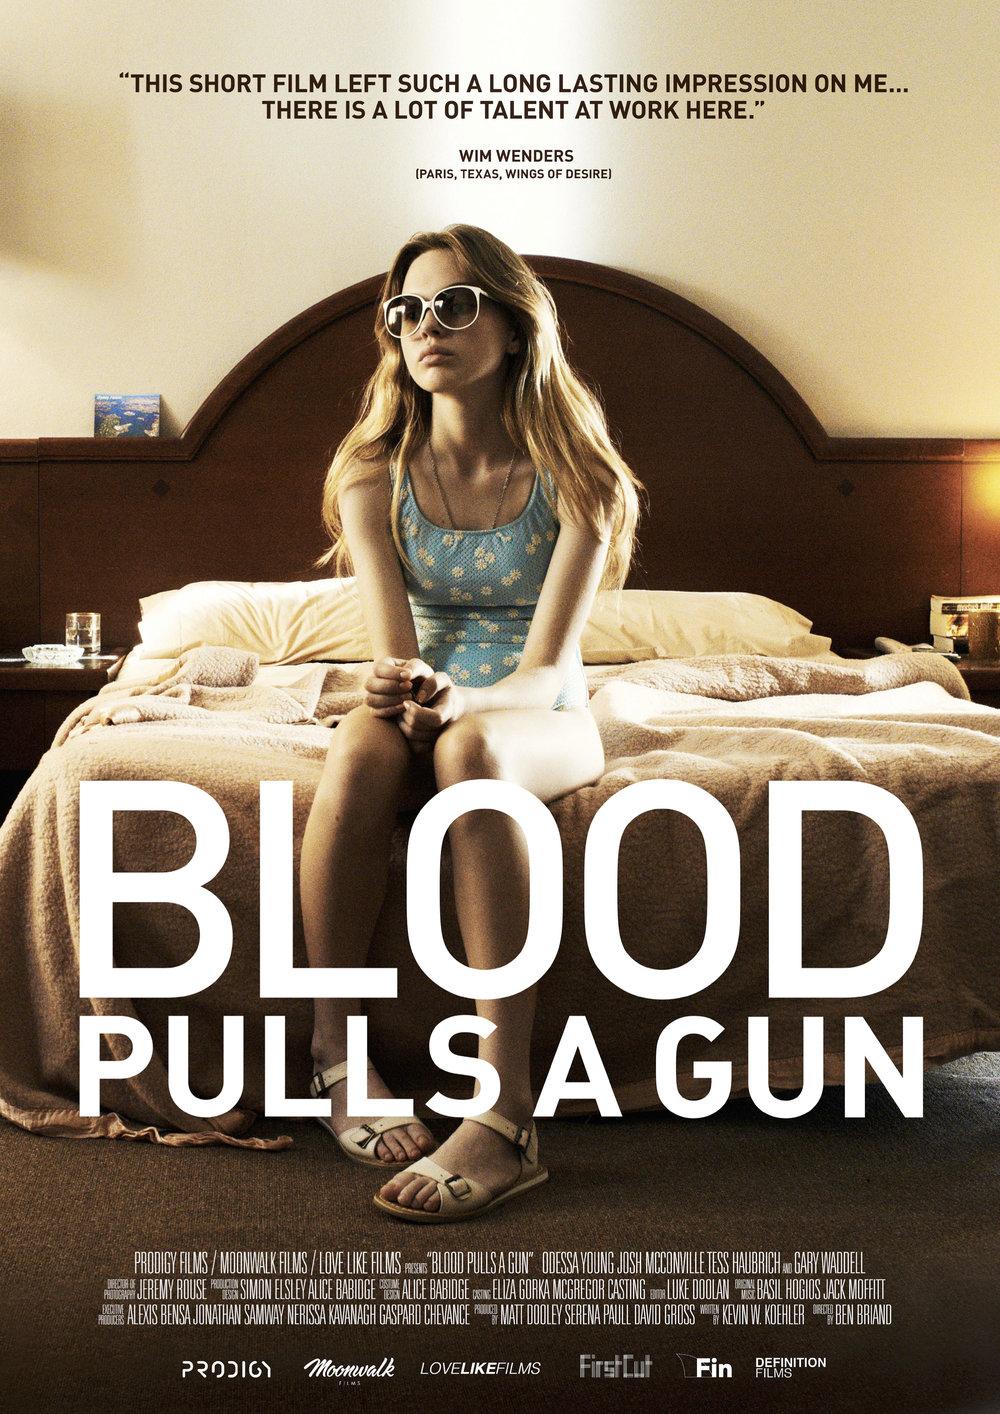 BLOOD_PULLS_A_GUN-Poster.jpg